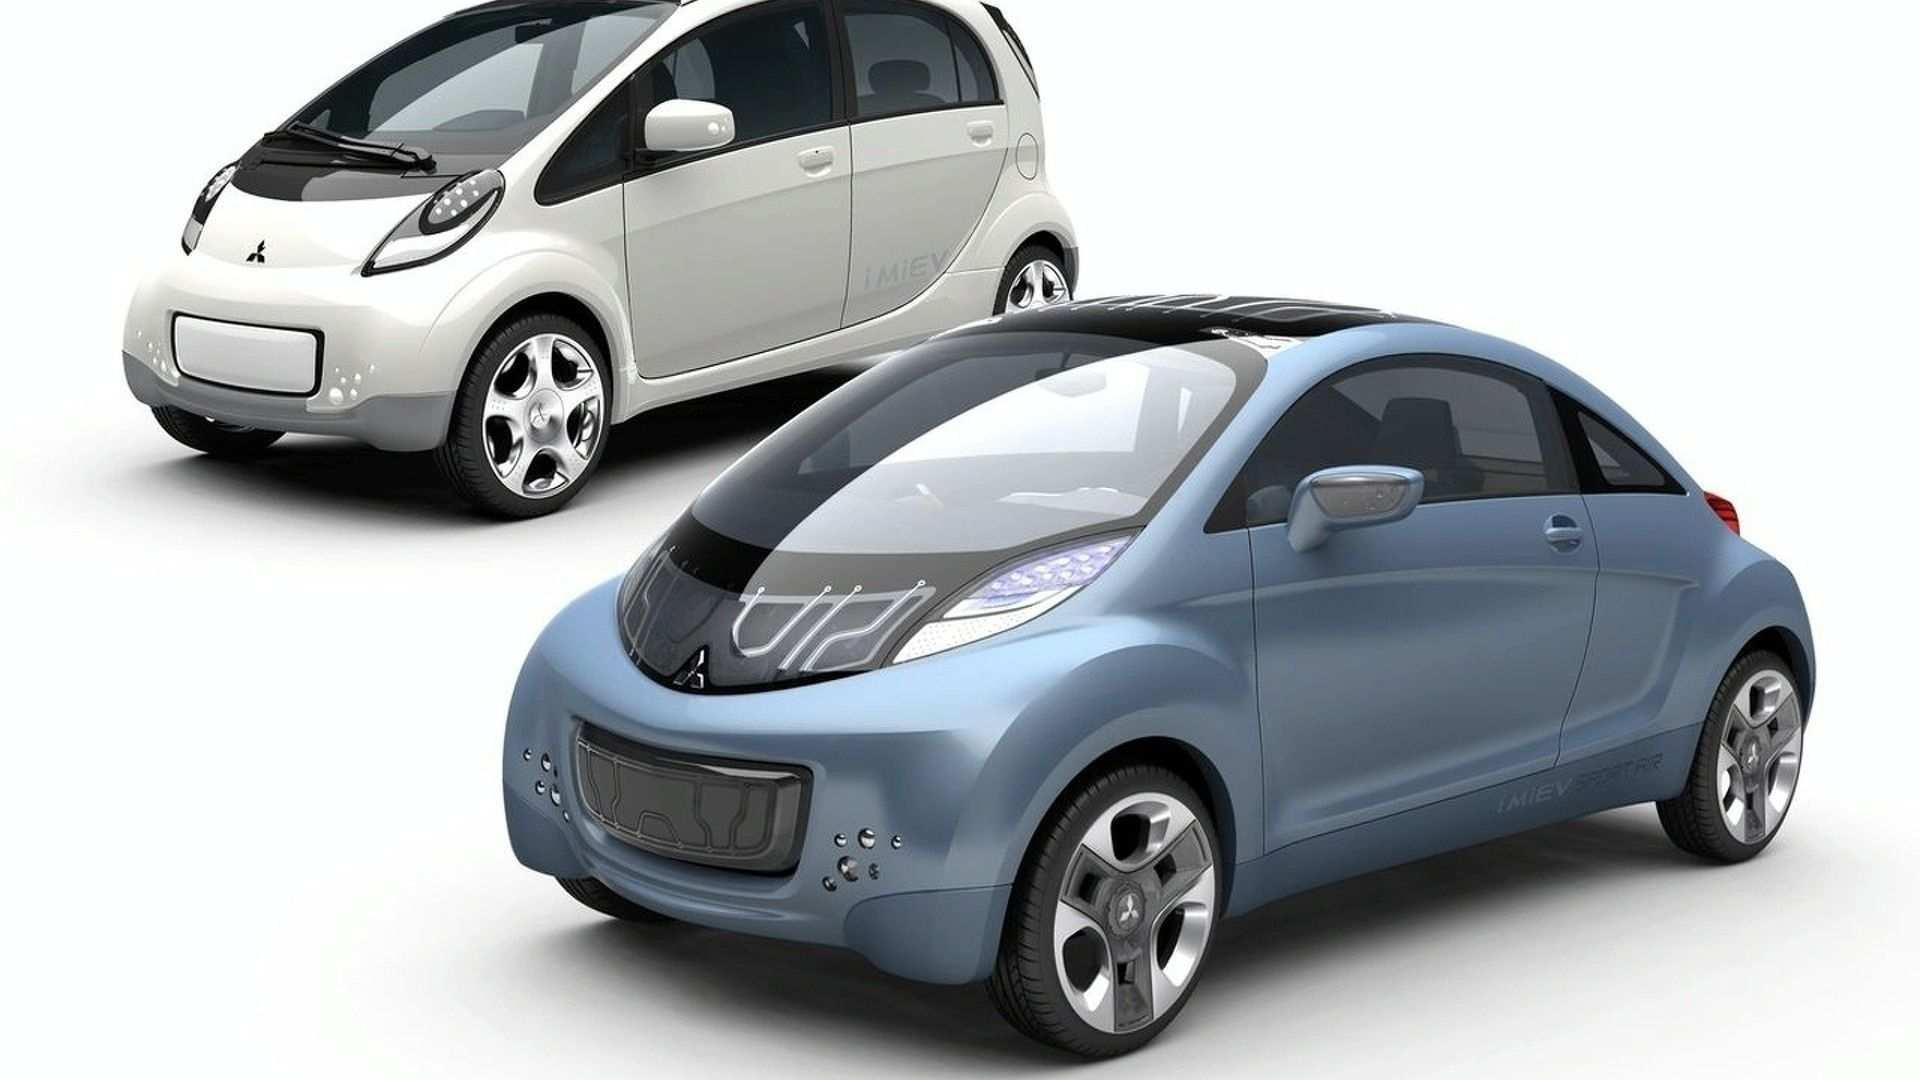 56 Best Review 2020 Mitsubishi I MIEV Interior by 2020 Mitsubishi I MIEV